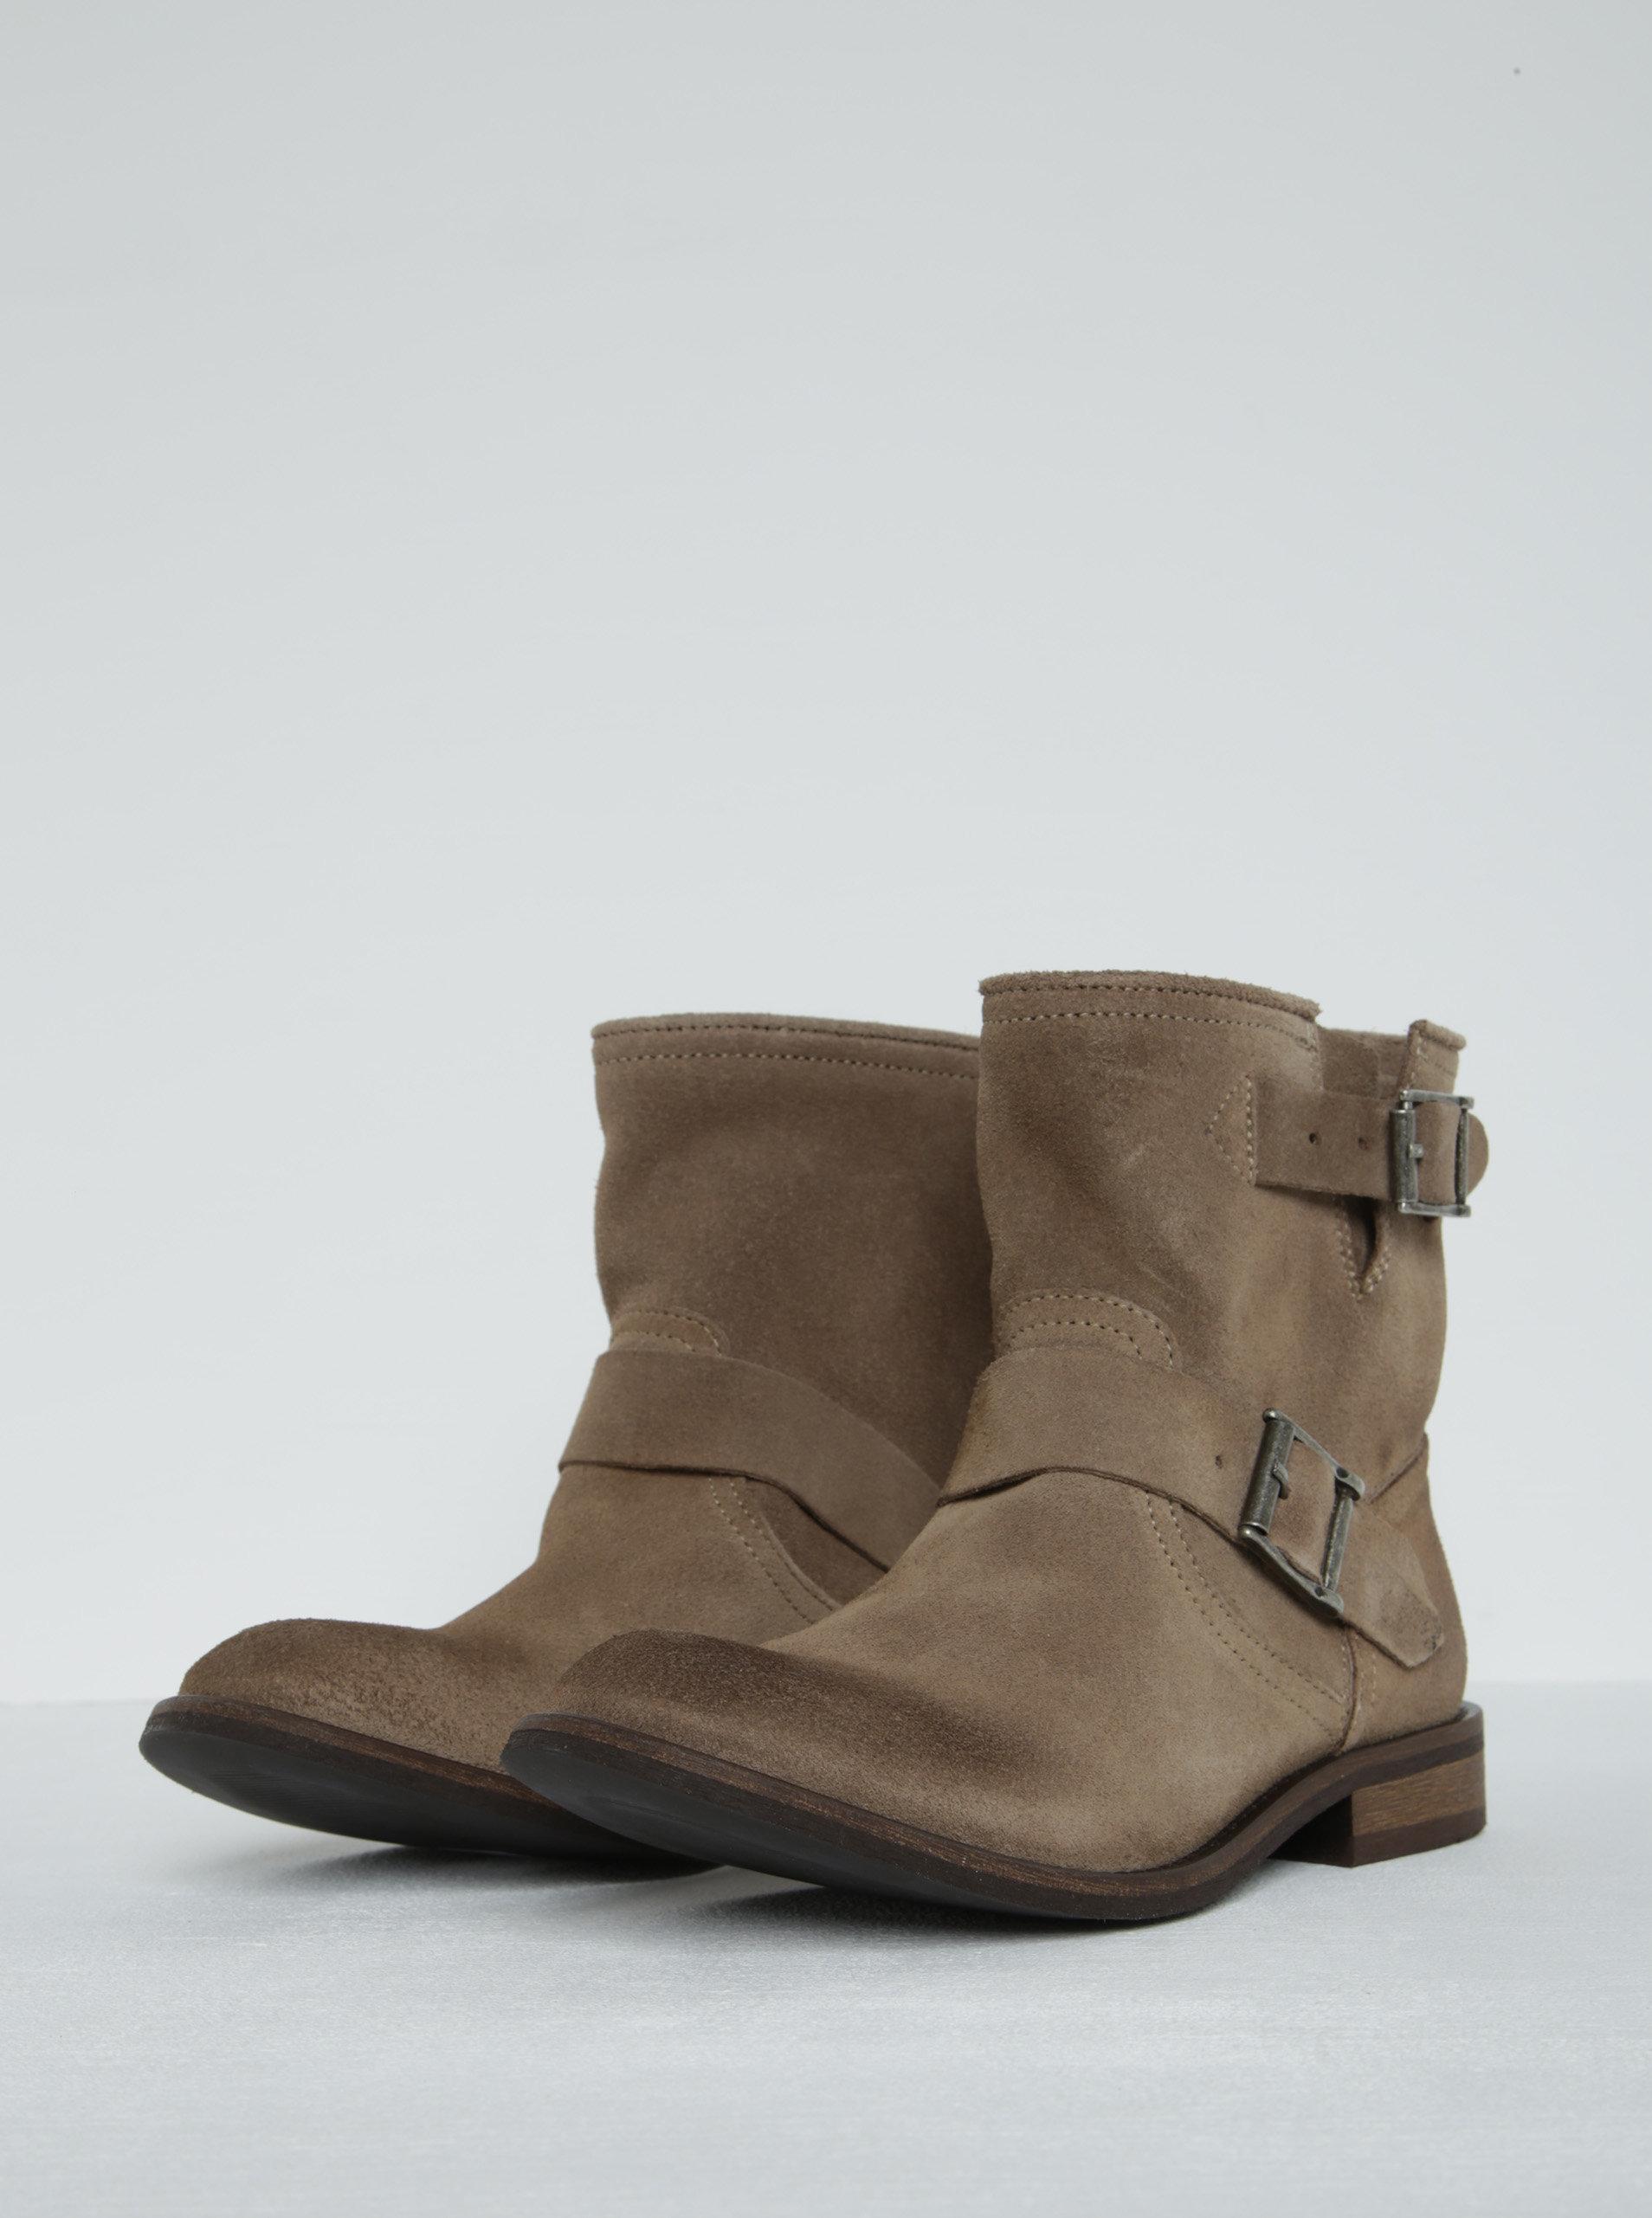 2e2e30a9fef0 Béžové semišové kotníkové boty s přezkami Pieces Petti ...